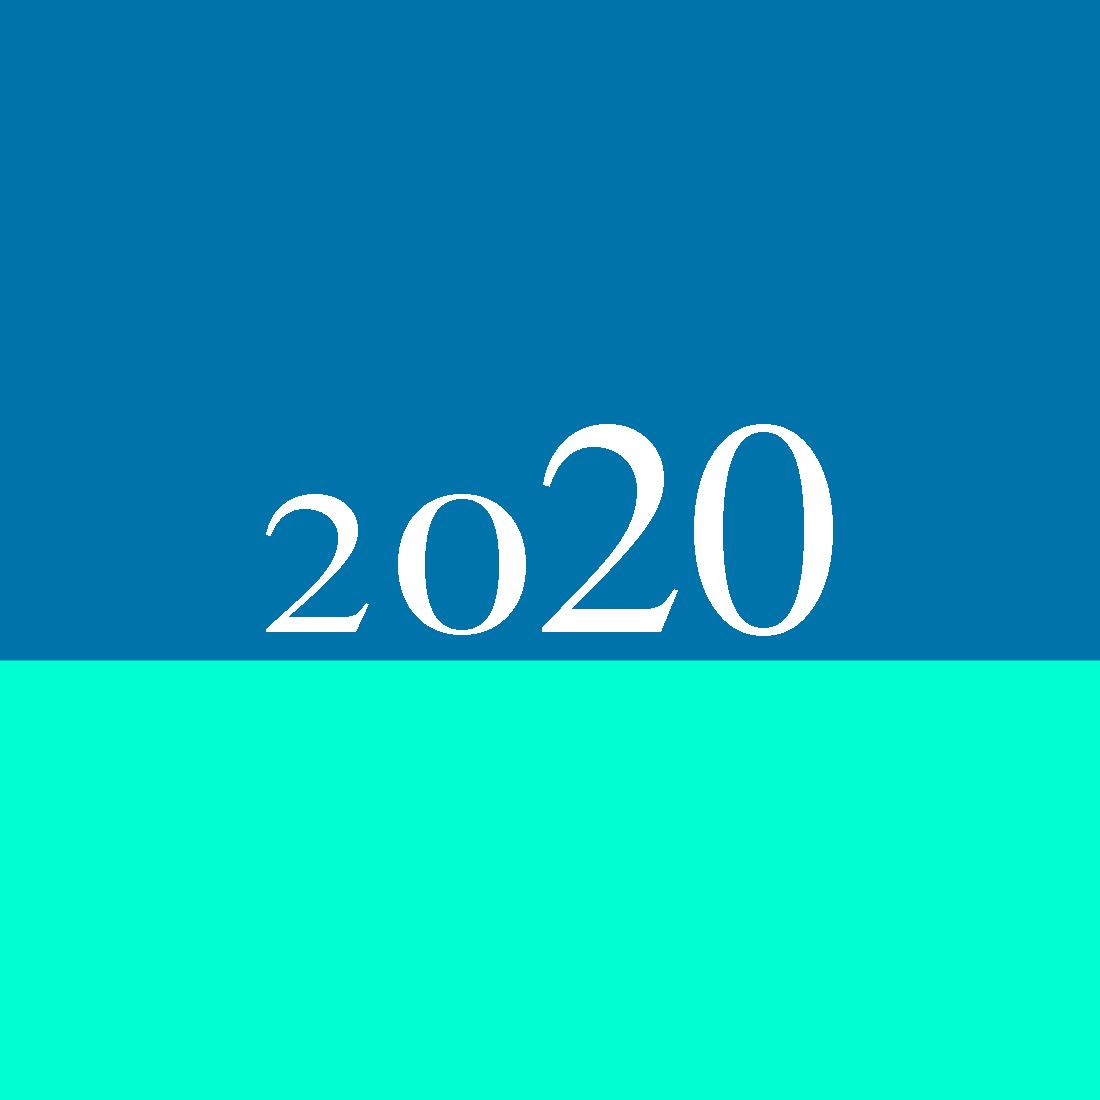 2020 completo